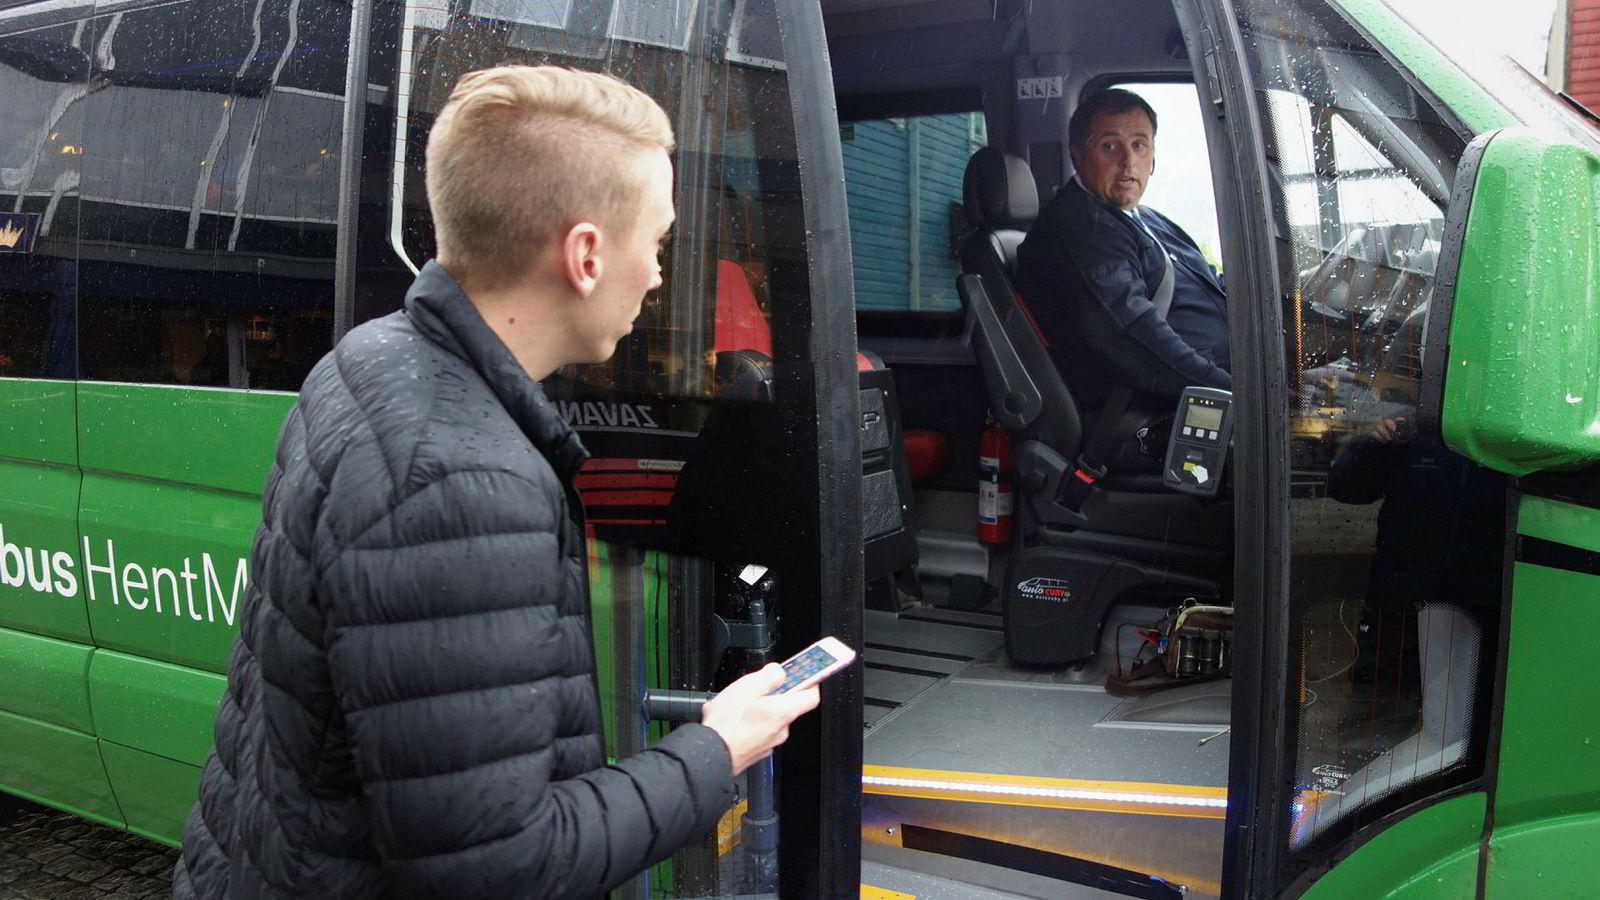 Kollektivselskapet Kolumbus tester nå ut en «hent-meg-buss» i Sauda. Den har ingen faste ruter, men baserer seg på folks løpende bestillinger. Den Vancouver-baserte utvikleren Kristoffer Vik Hansen viser sin bestilling til sjåfør Tor Michaelsen.